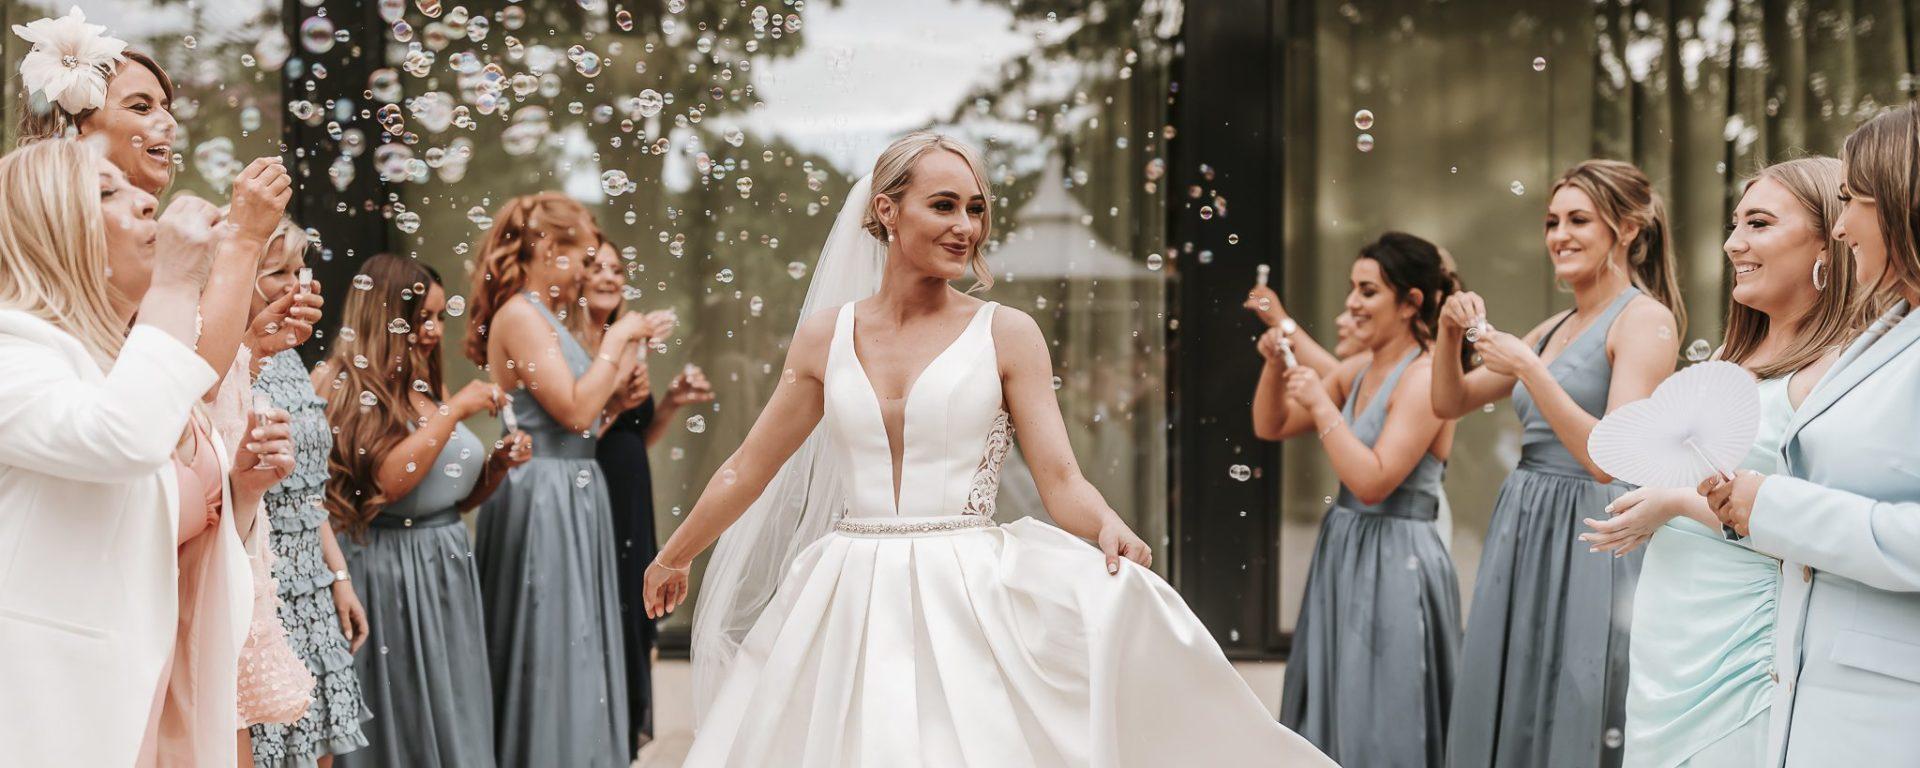 Dalmeny Wedding